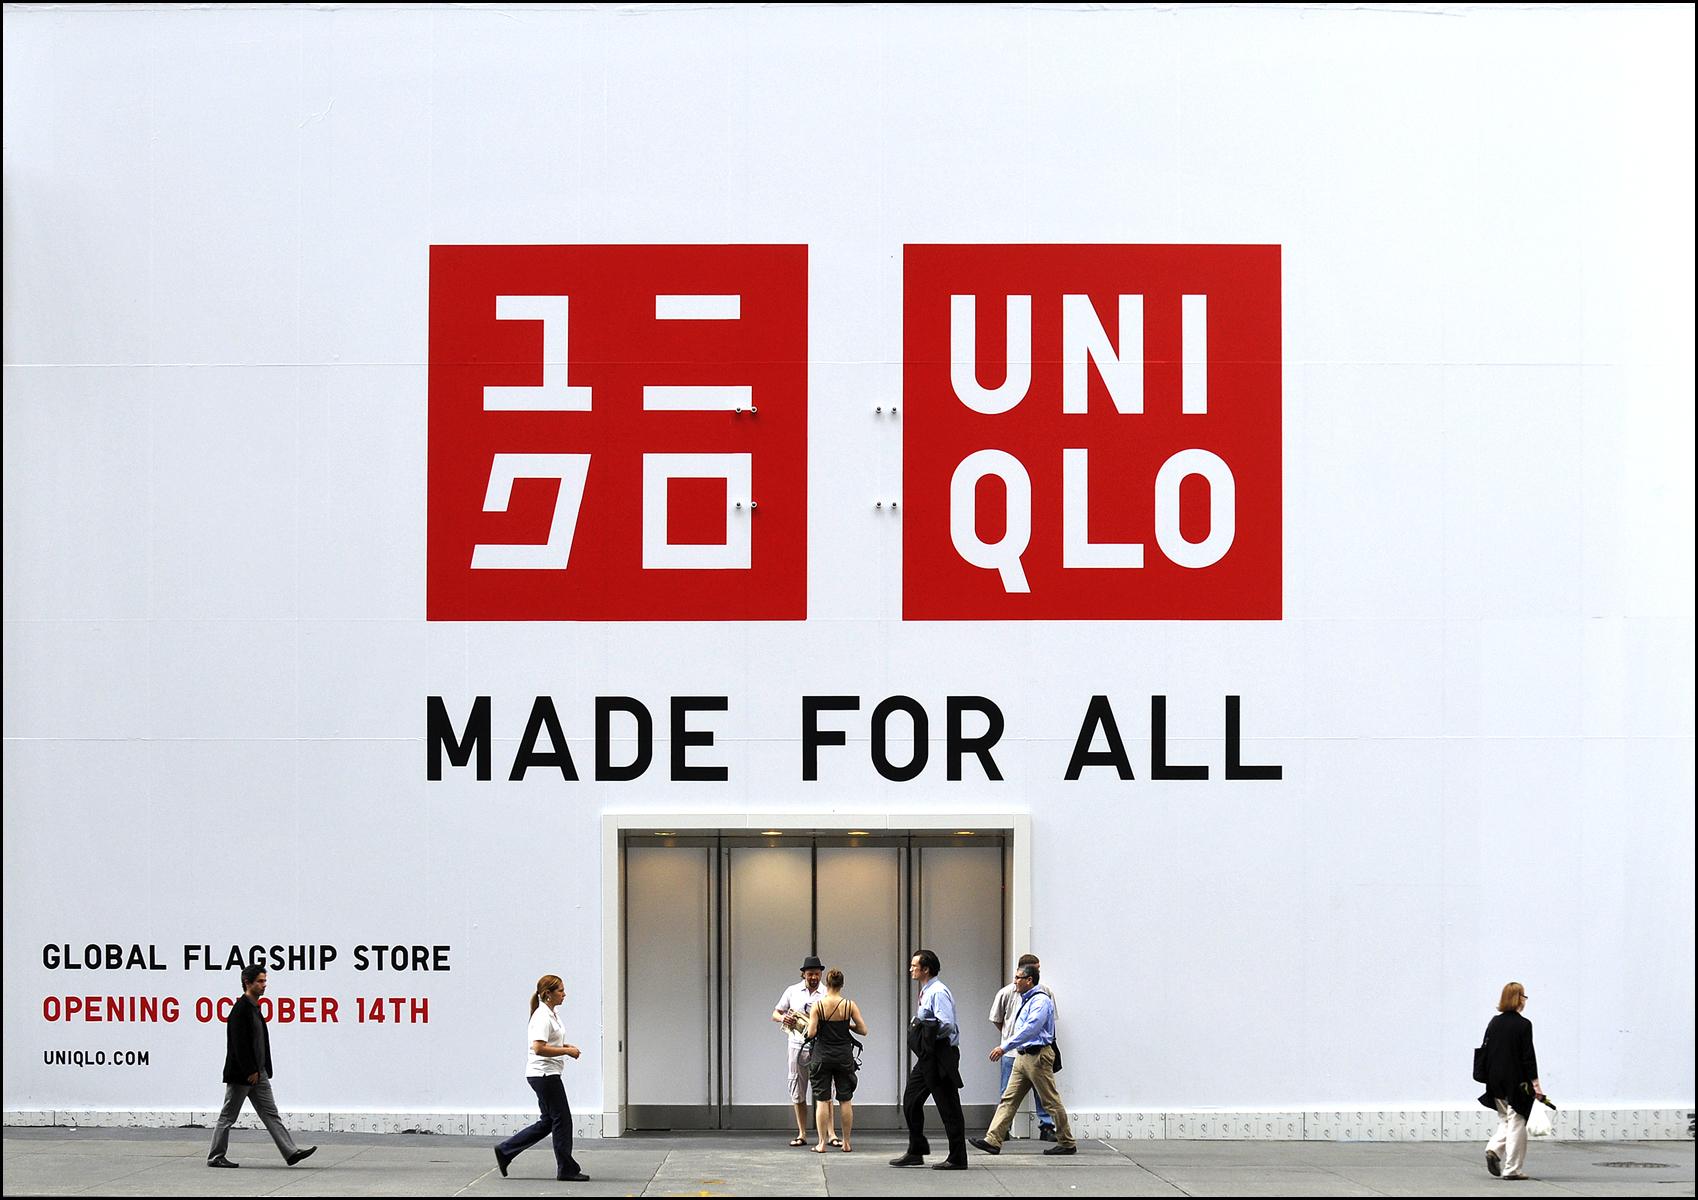 Những chiến lược hiểu rõ ham muốn khách hàng của 3 đại gia UNIQLO, ZARA và H&M (1)